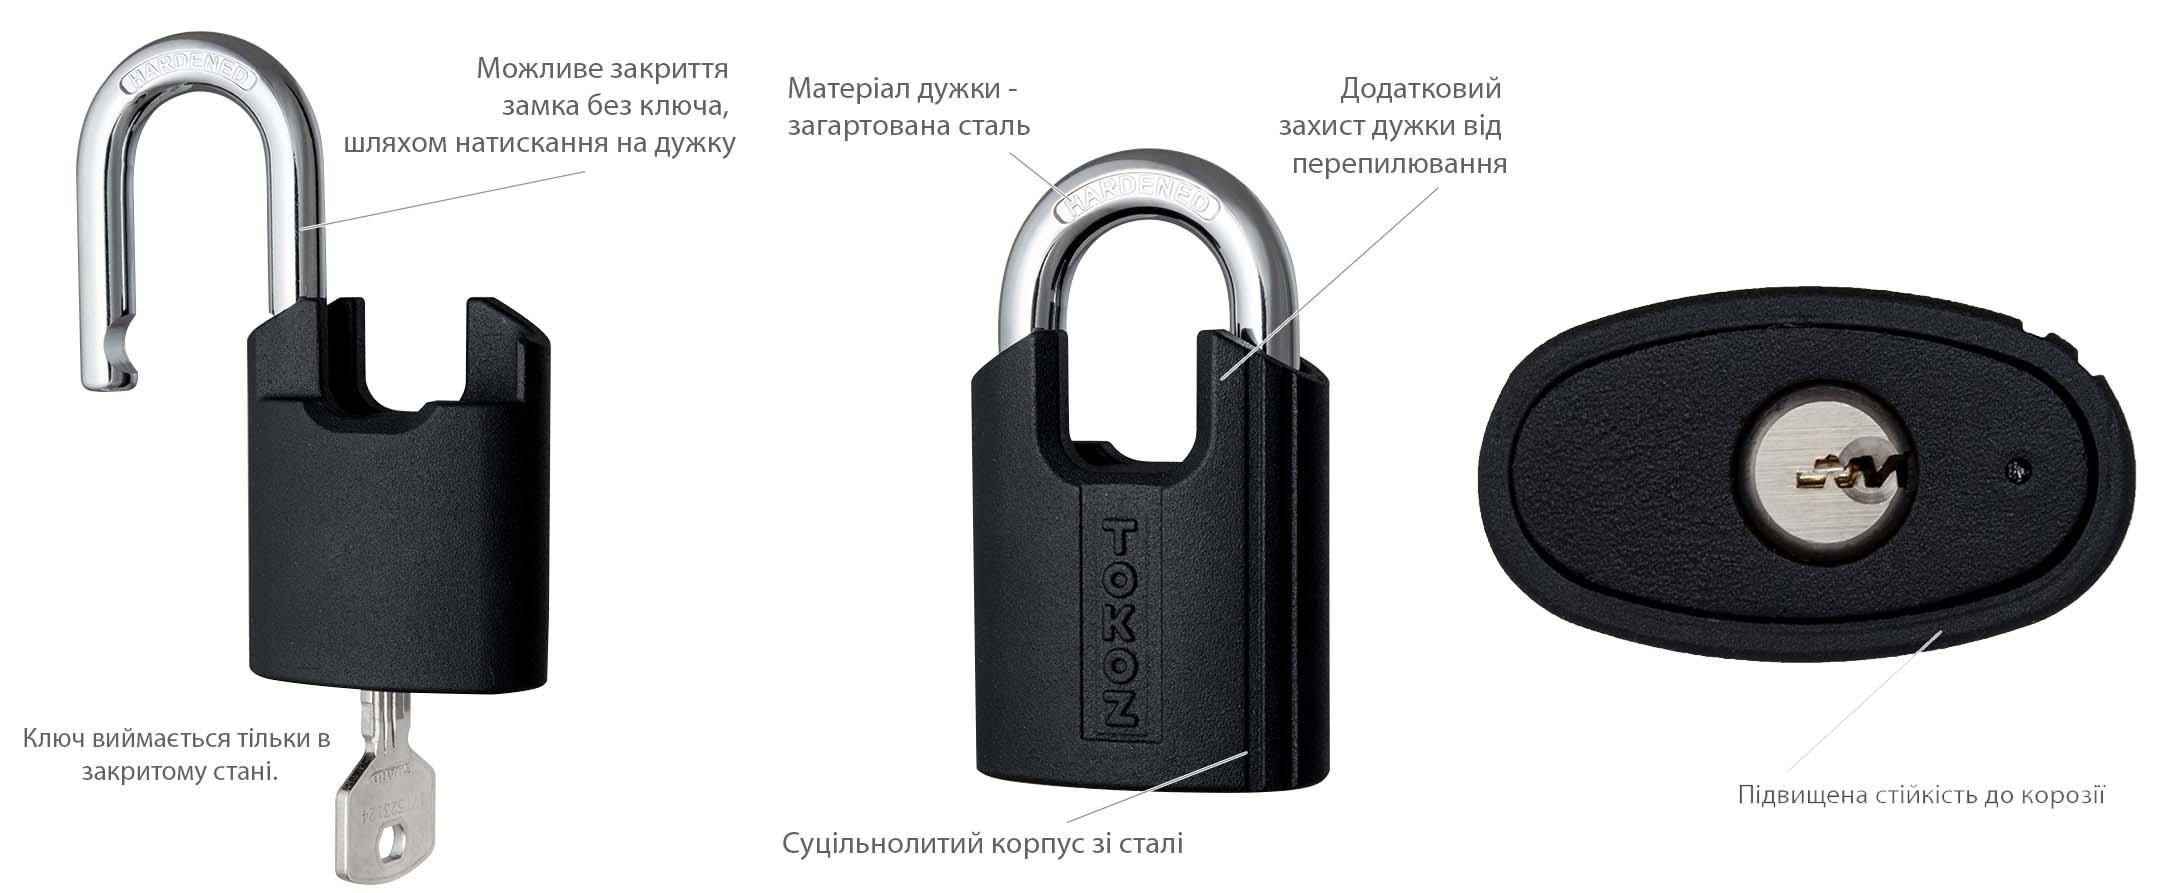 навісні замки tokoz guard_